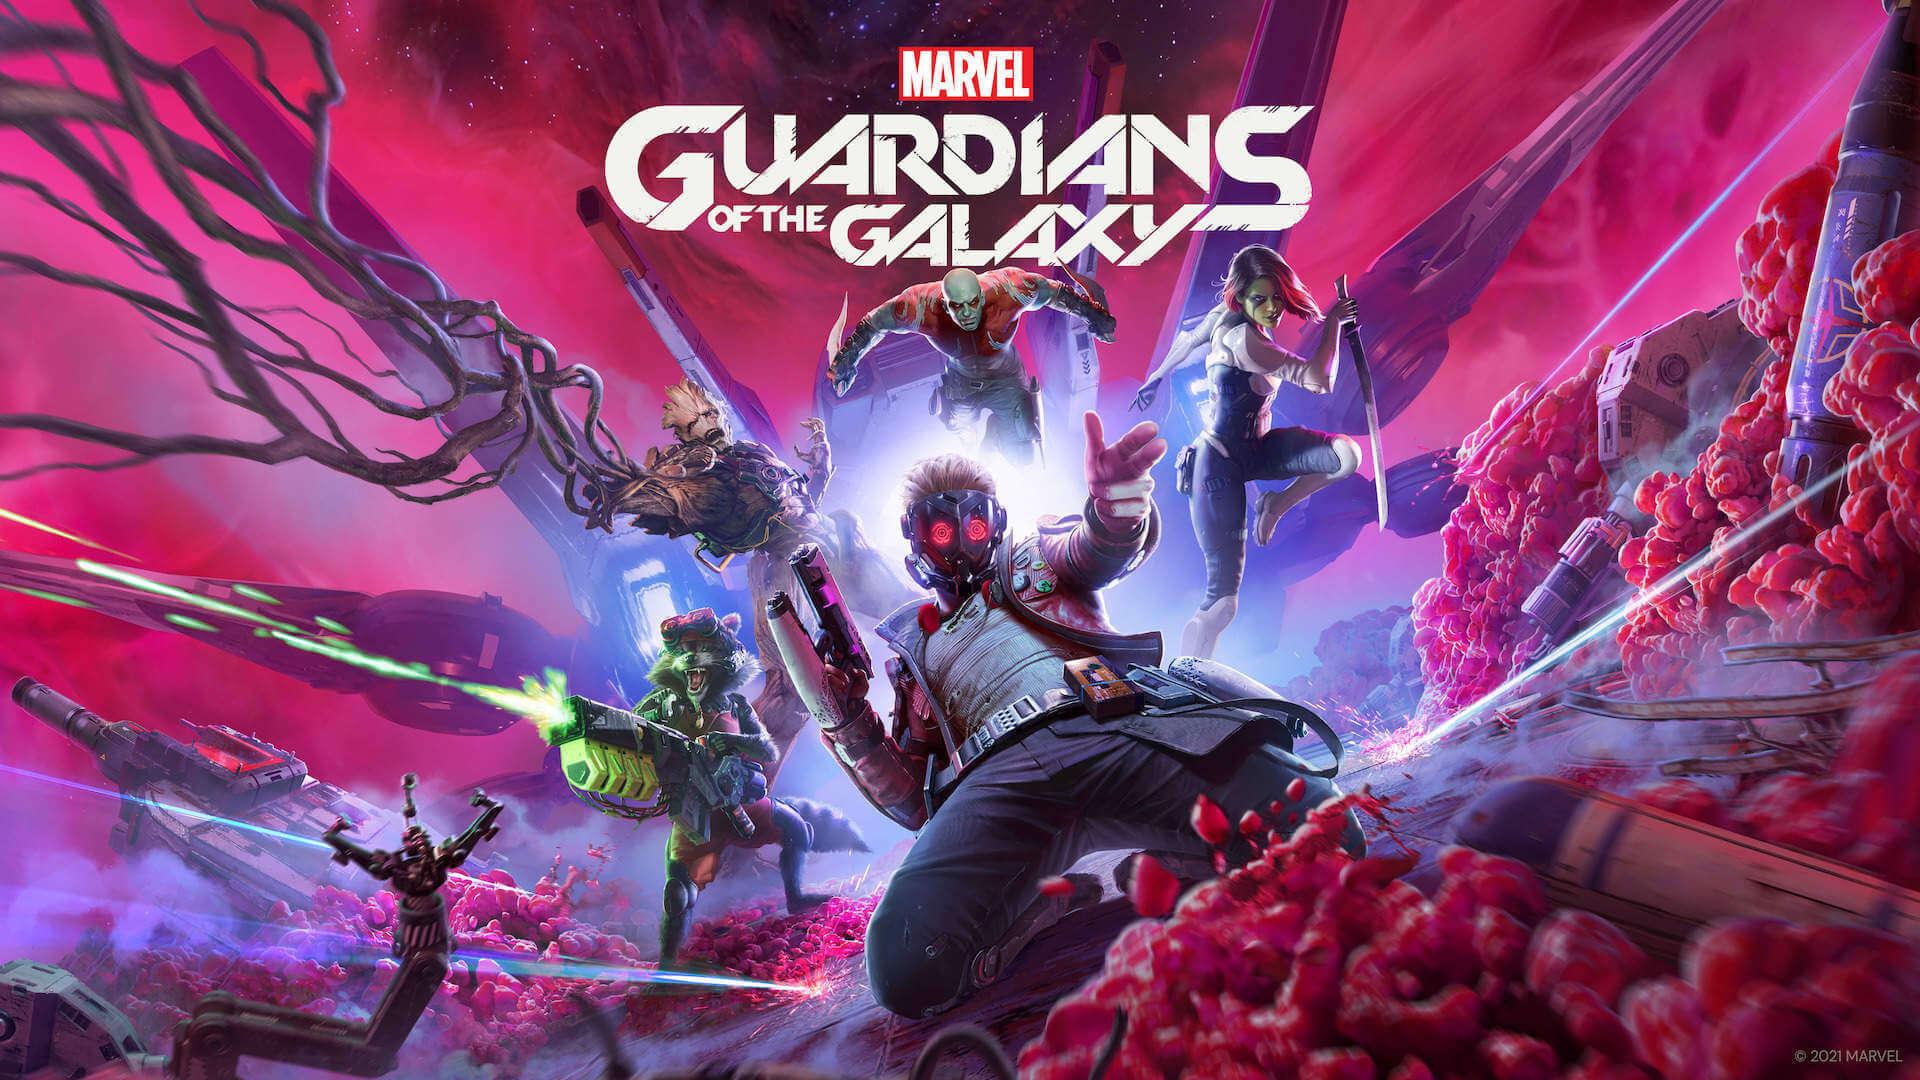 Marvel's Guardians of the Galaxy no tendrá DLC ni microtransacciones